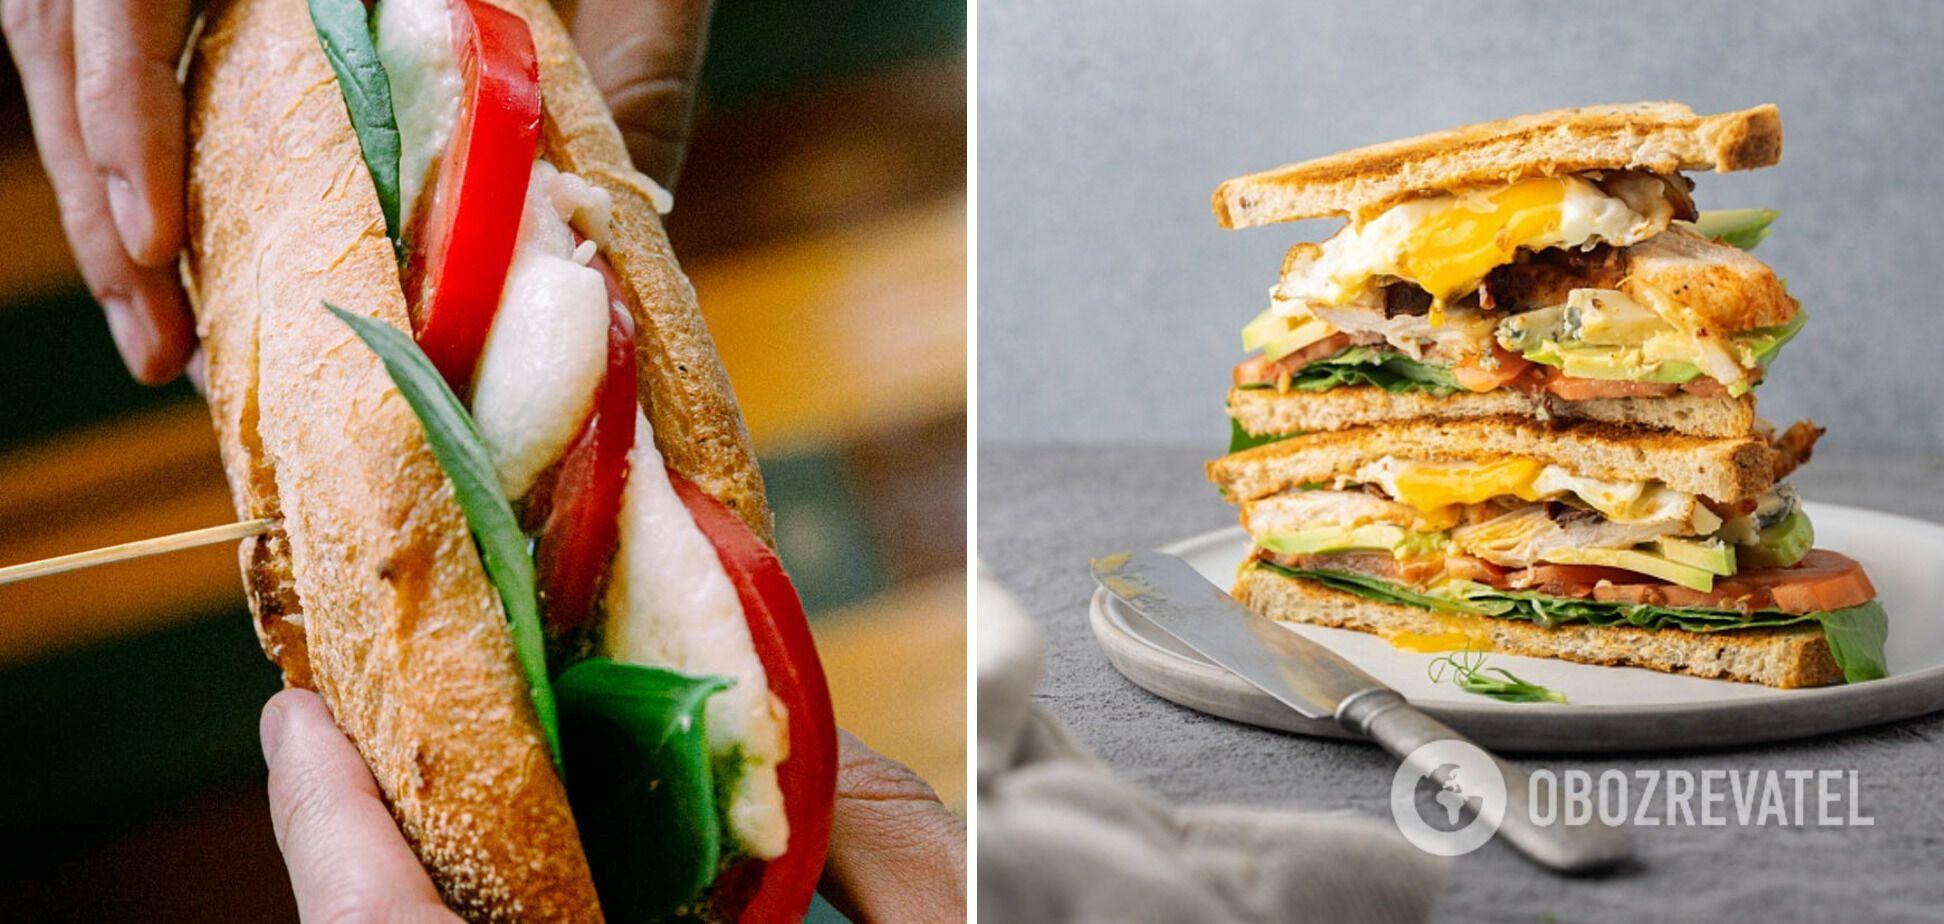 Об'ємний сендвіч